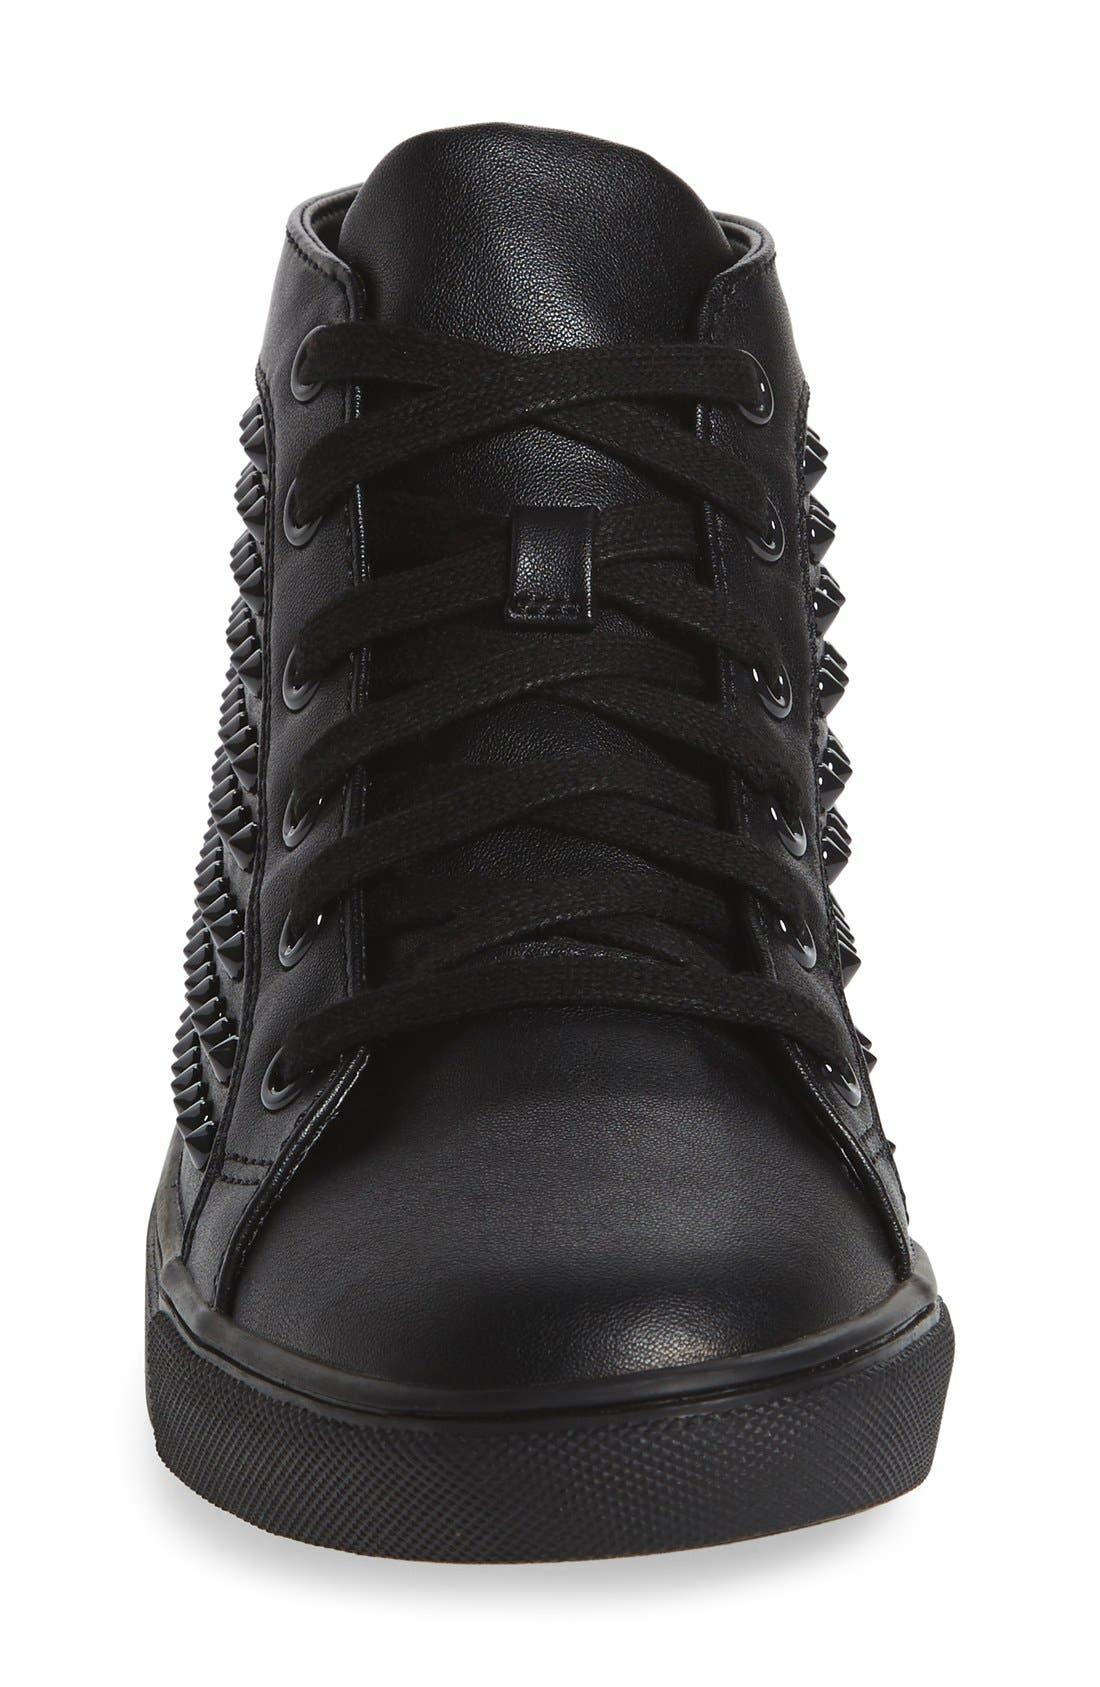 Alternate Image 3  - Steve Madden 'Levels' High Top Sneaker (Women)